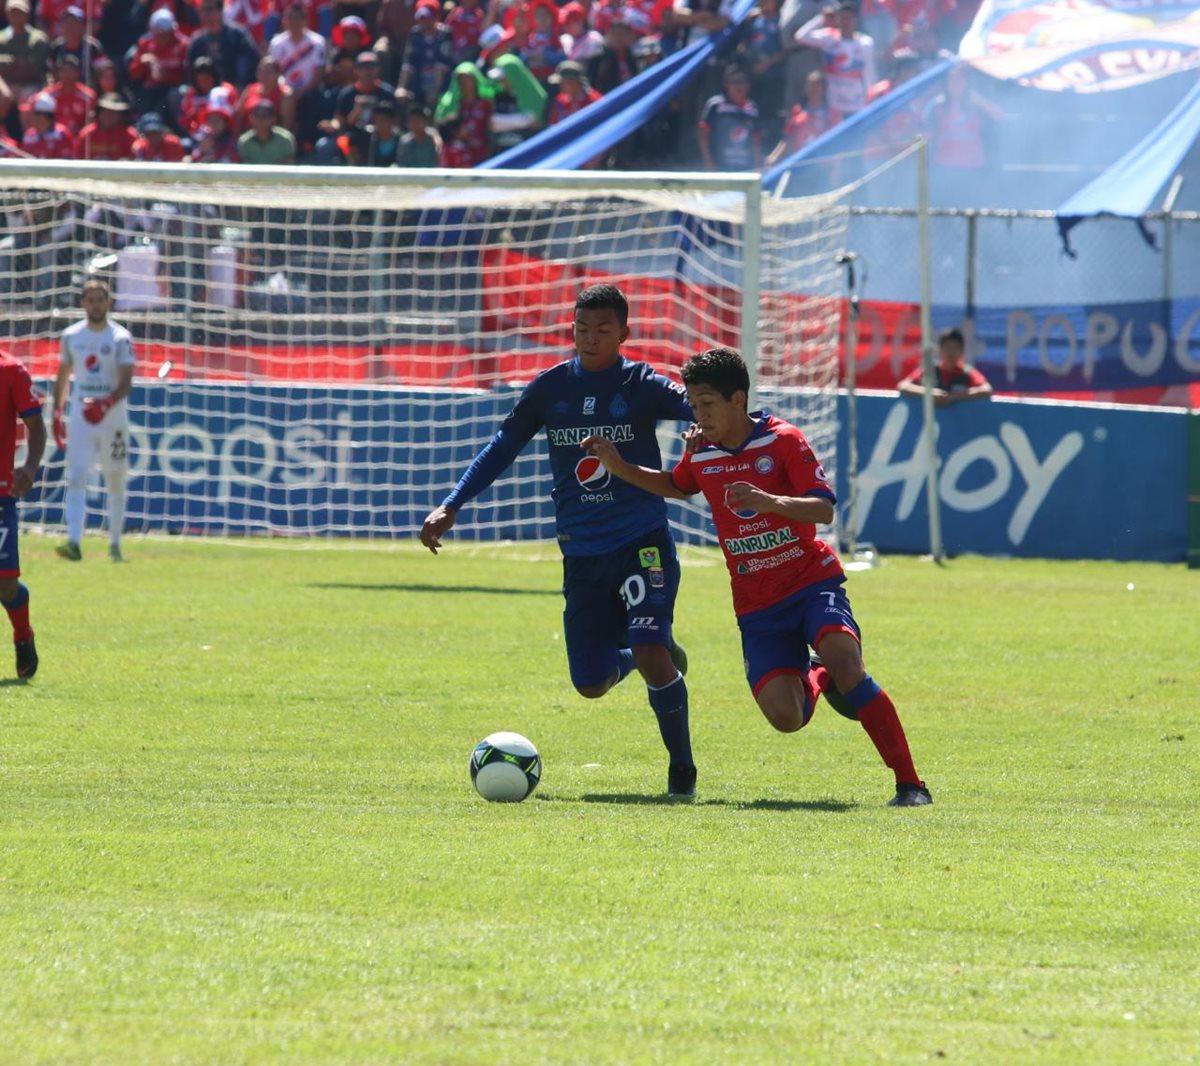 El cuadro altense llega a la fase final como uno de los favoritos para ganar el título. (Foto Prensa Libre: Raúl Júarez)